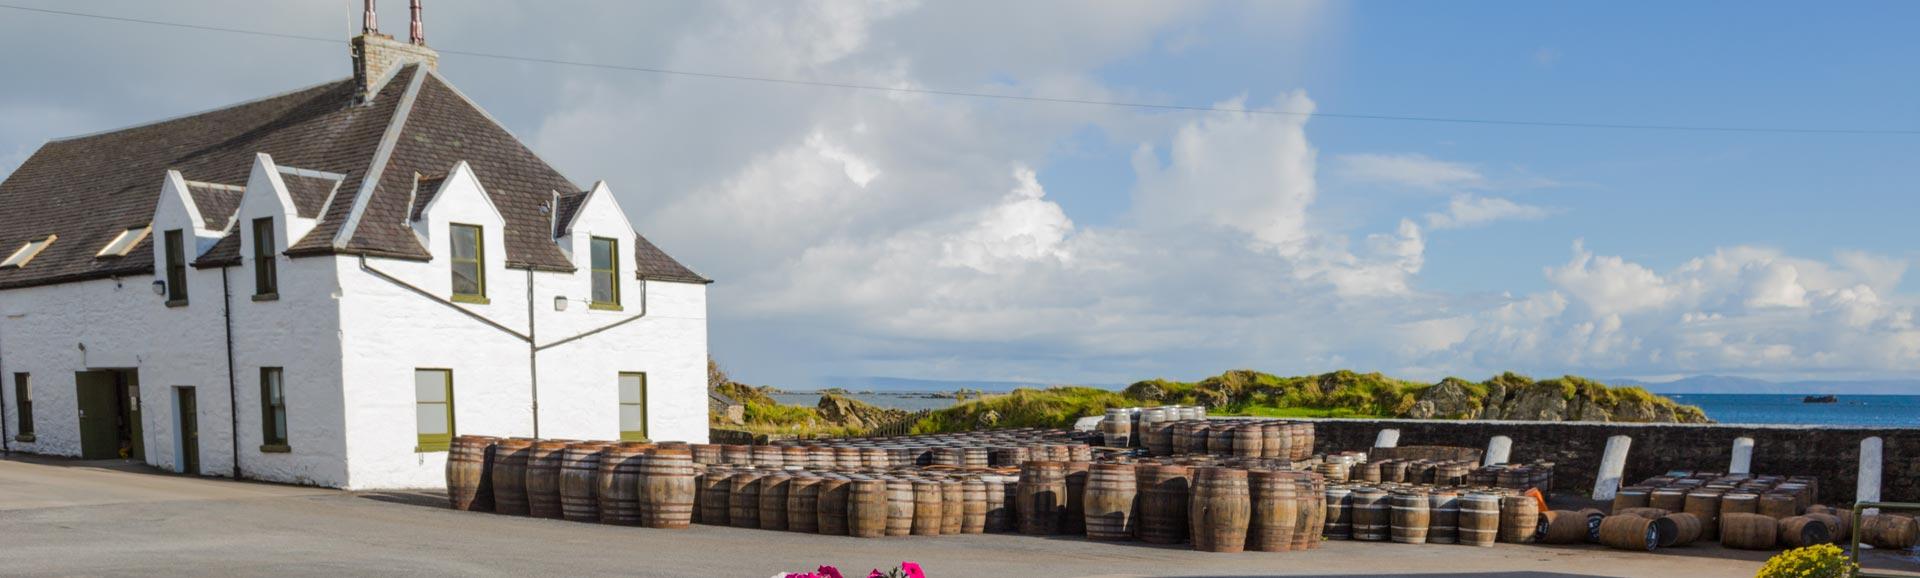 Whisky-Destillerie-Fässer lagern unter freiem Himmel.